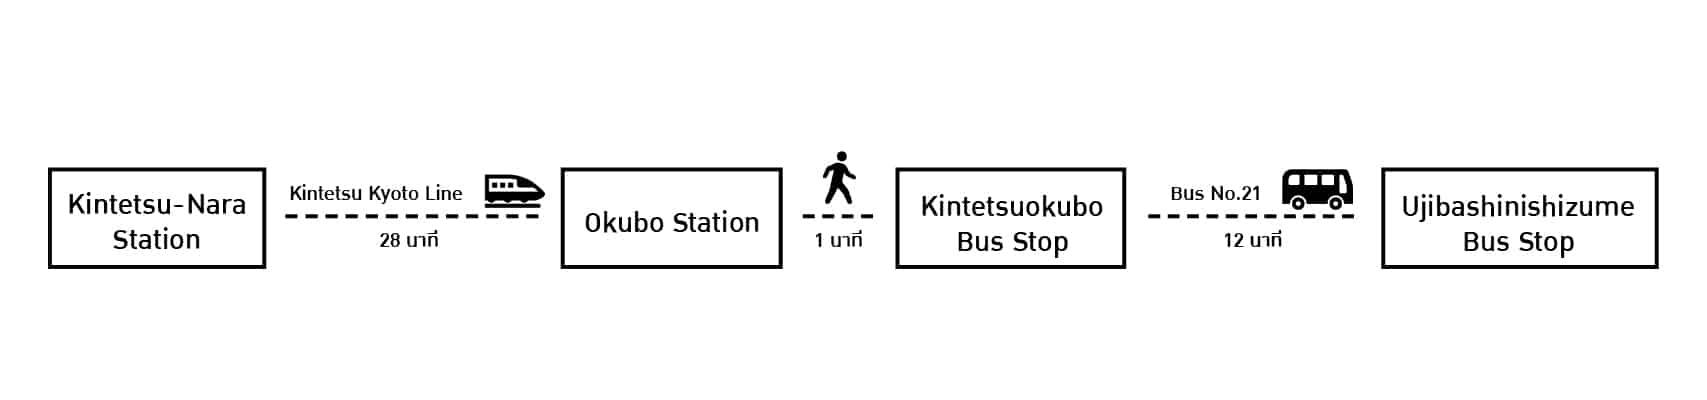 เดินทางจาก Kintetsu-Nara Station ไปยัง Ujibashinishizume Bus เพื่อไปยังเมืองอุจิ (Uji)